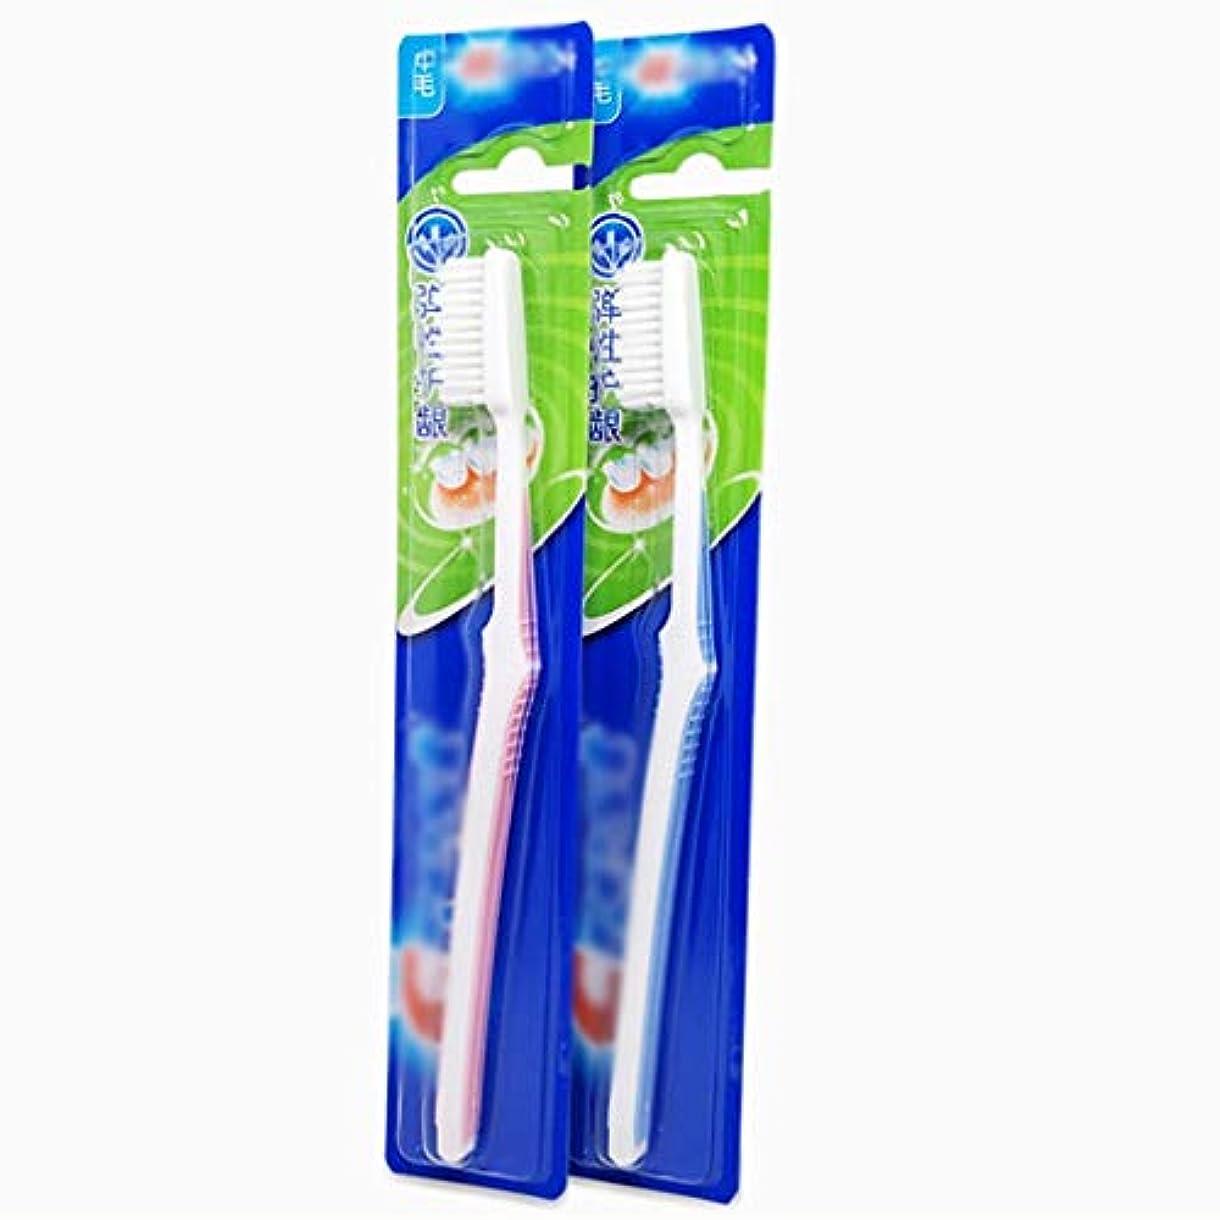 自発スナップテキストクリーン歯ブラシ、ノンスリップハンドル歯ブラシ、12パック(ランダムカラー)